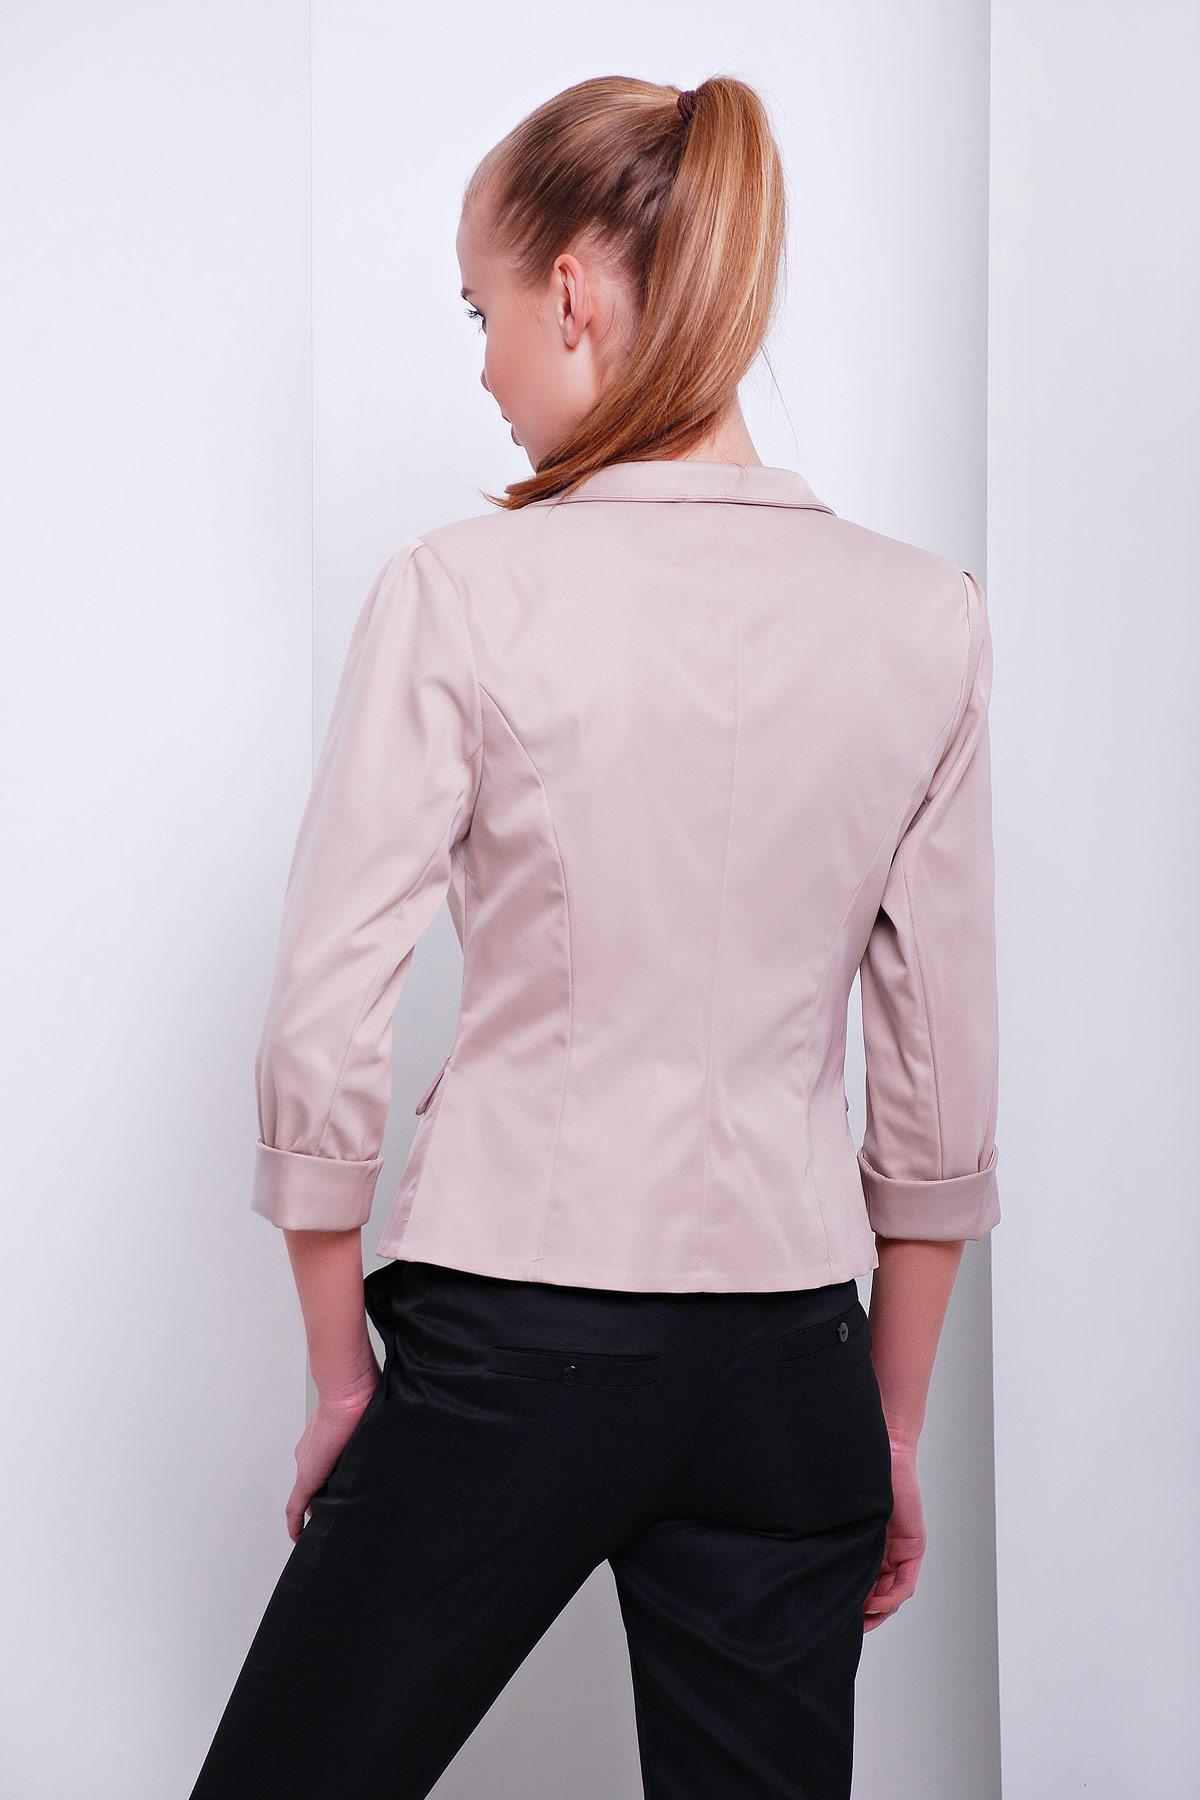 короткий красный пиджак. пиджак Рандеву. Цвет: св.бежевый-беж. отделка